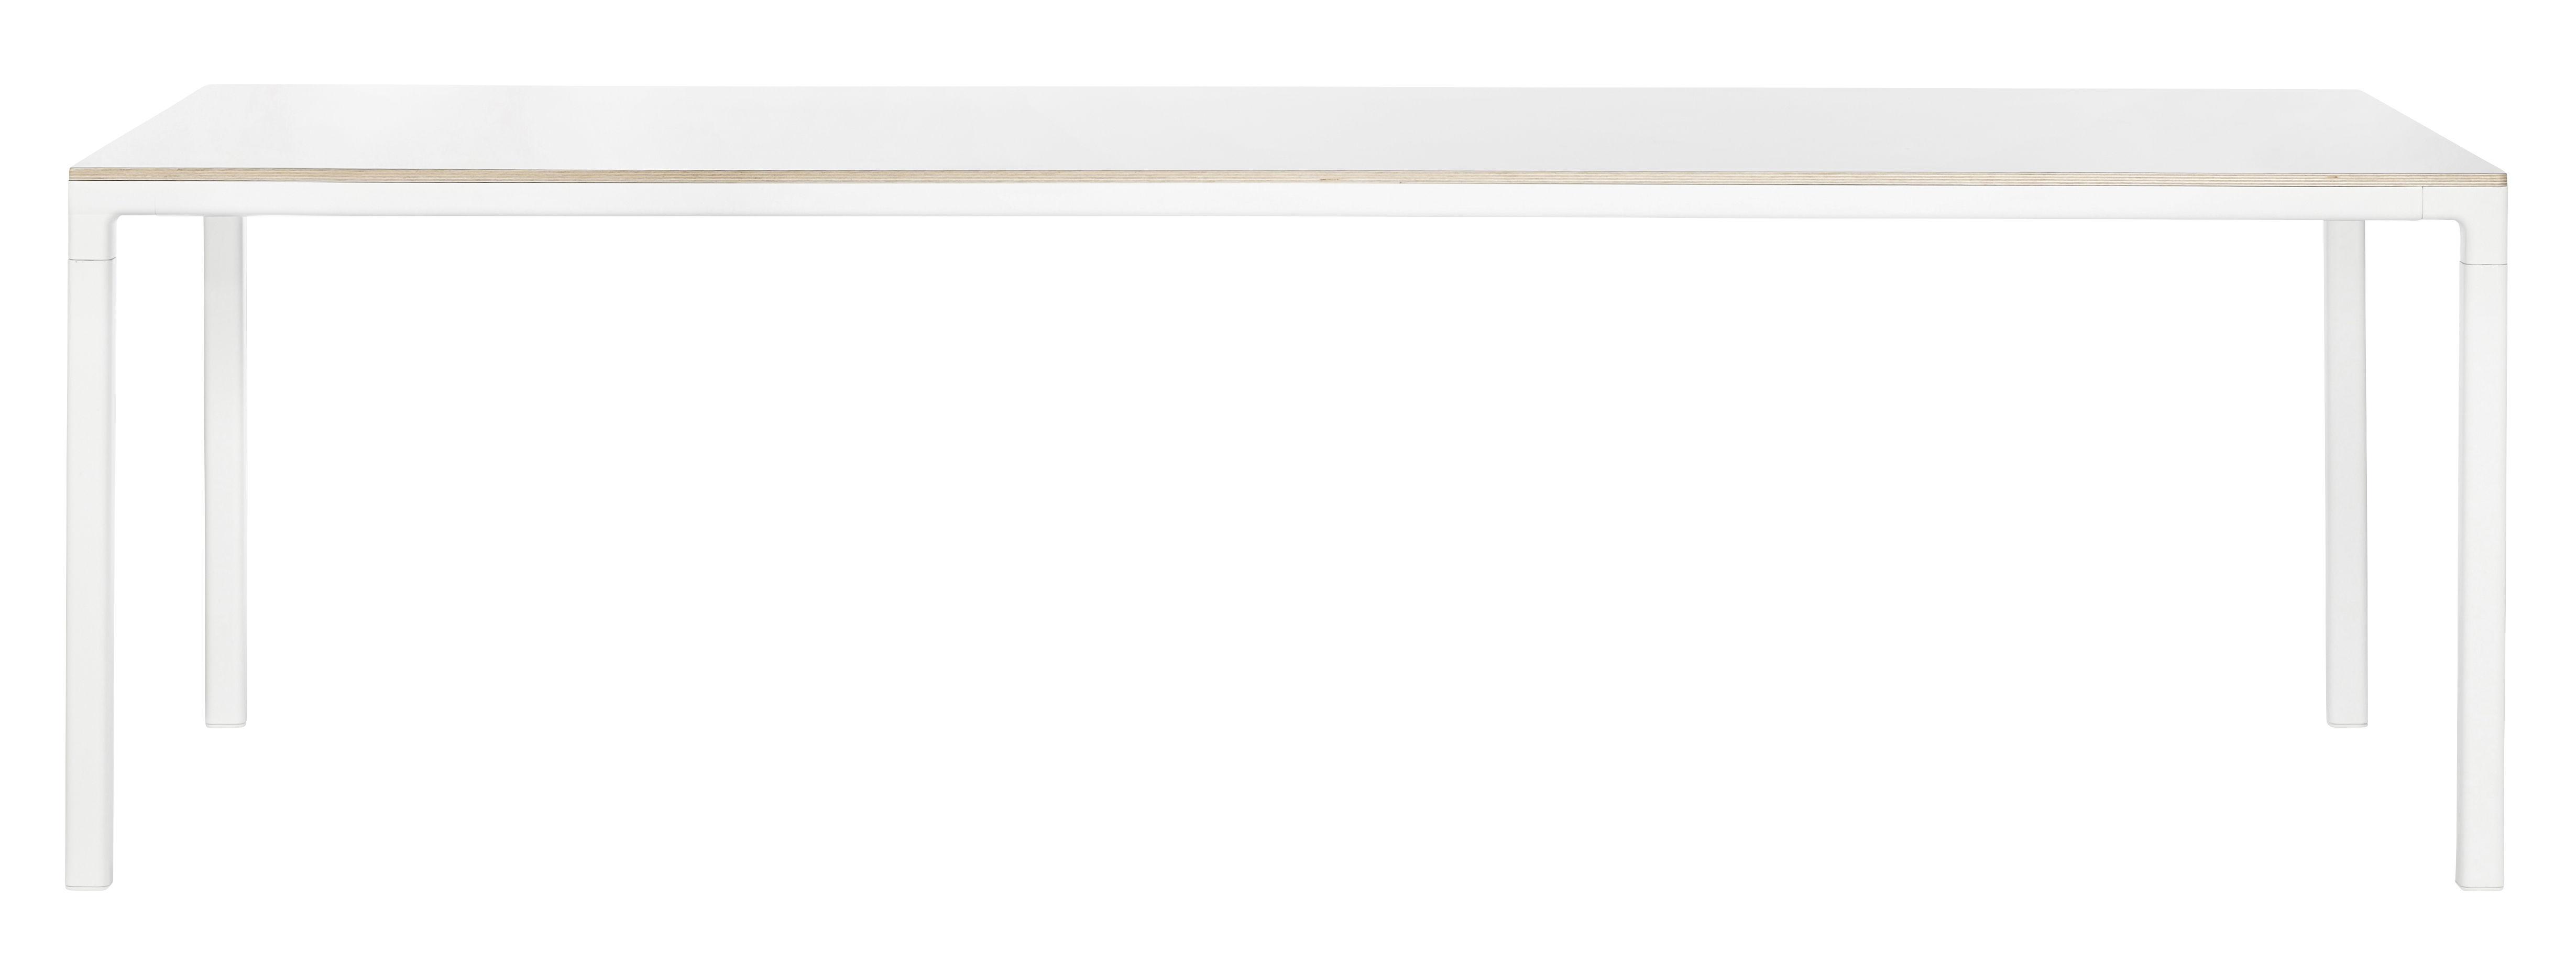 Möbel - Tische - T12 rechteckiger Tisch rechteckig - 250 x 95 cm - Hay - 250 x 95 cm - weiß - bemaltes Aluminium, Press-Spanplatte